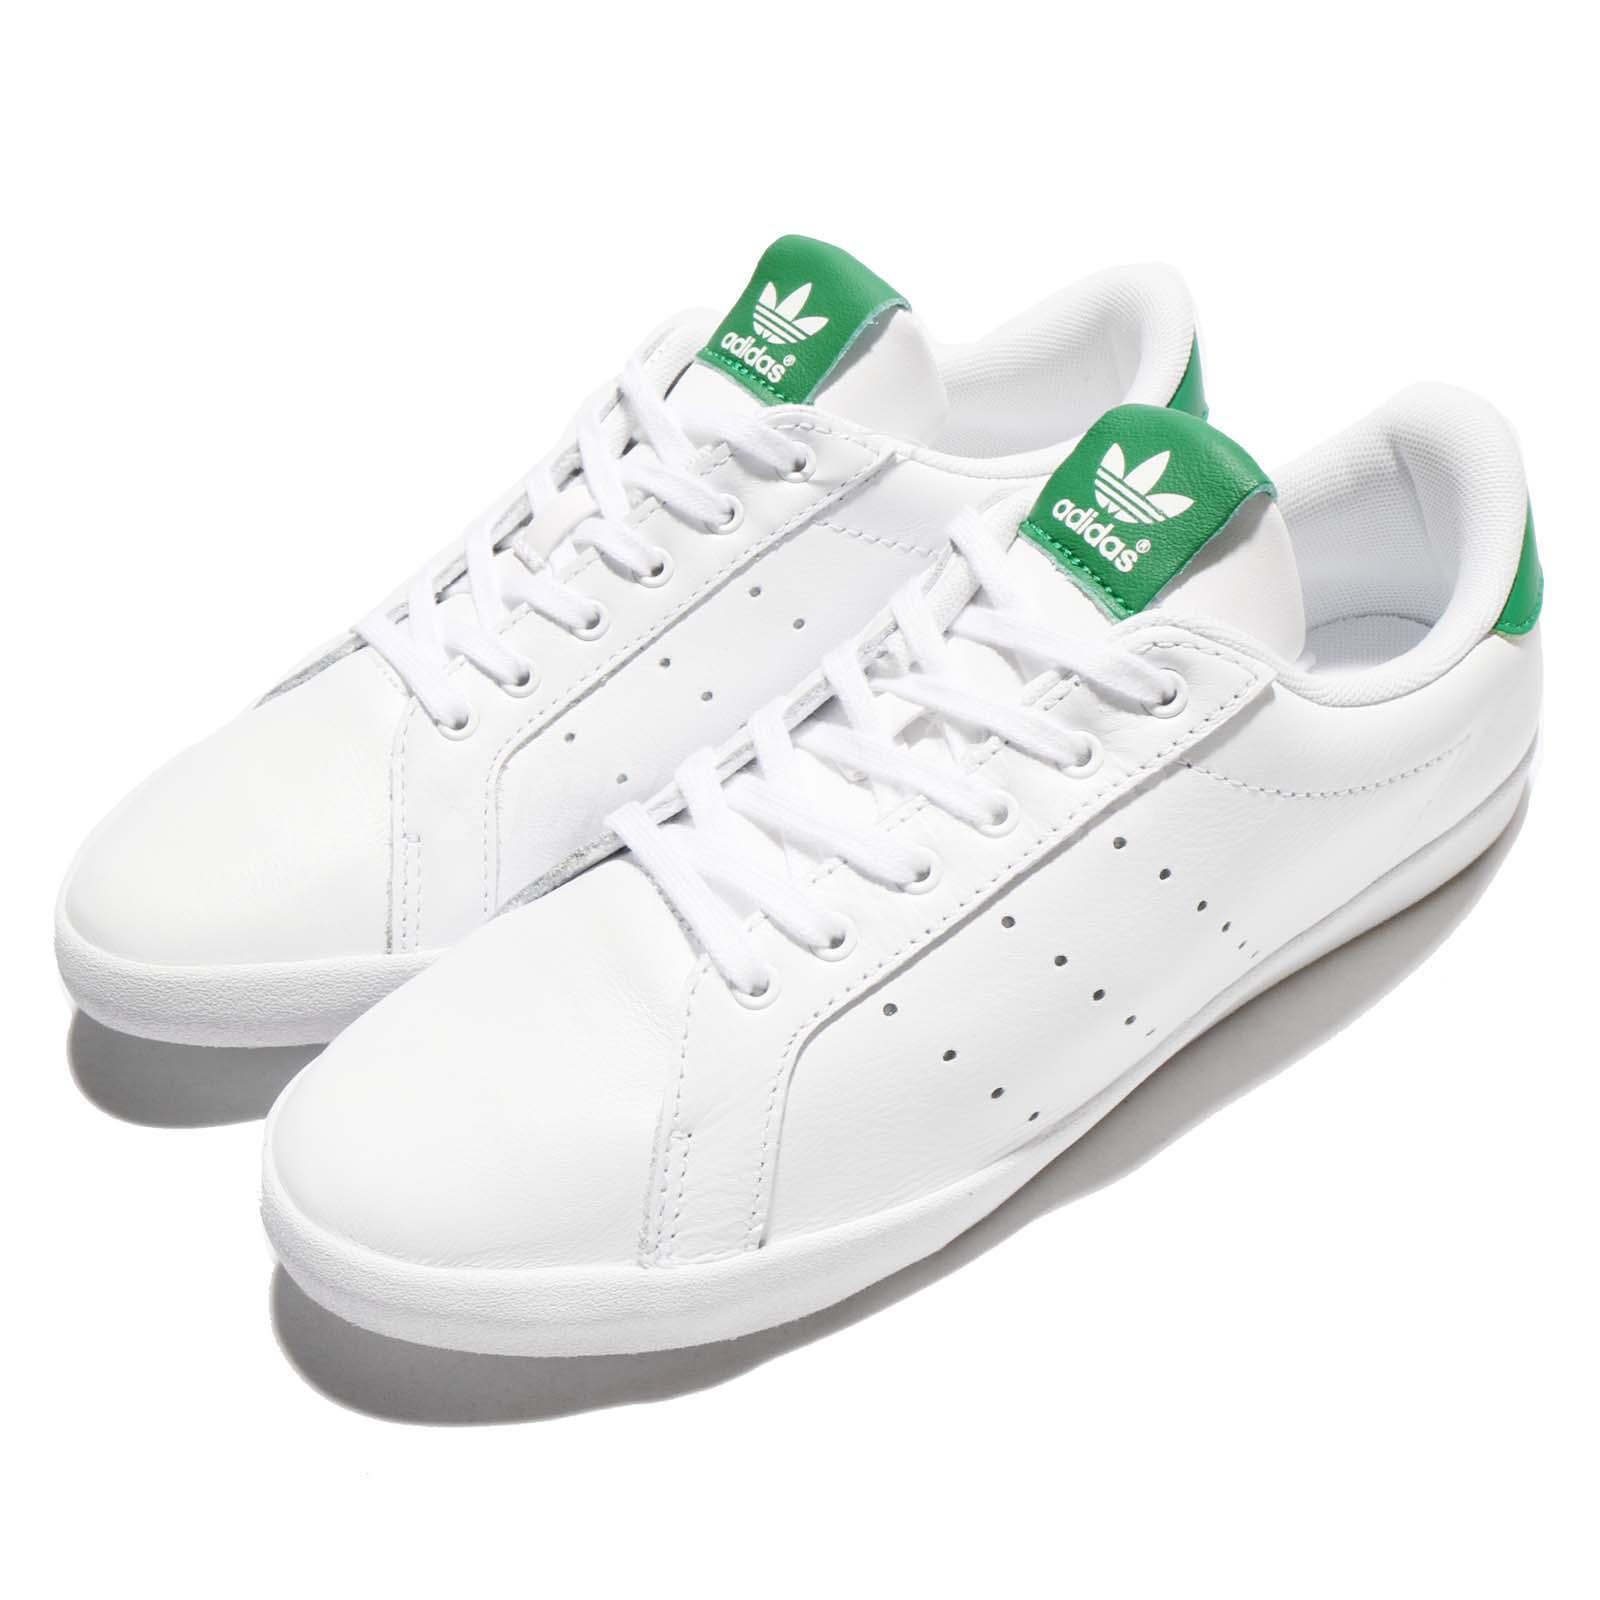 Adidas Originals Shoe Box